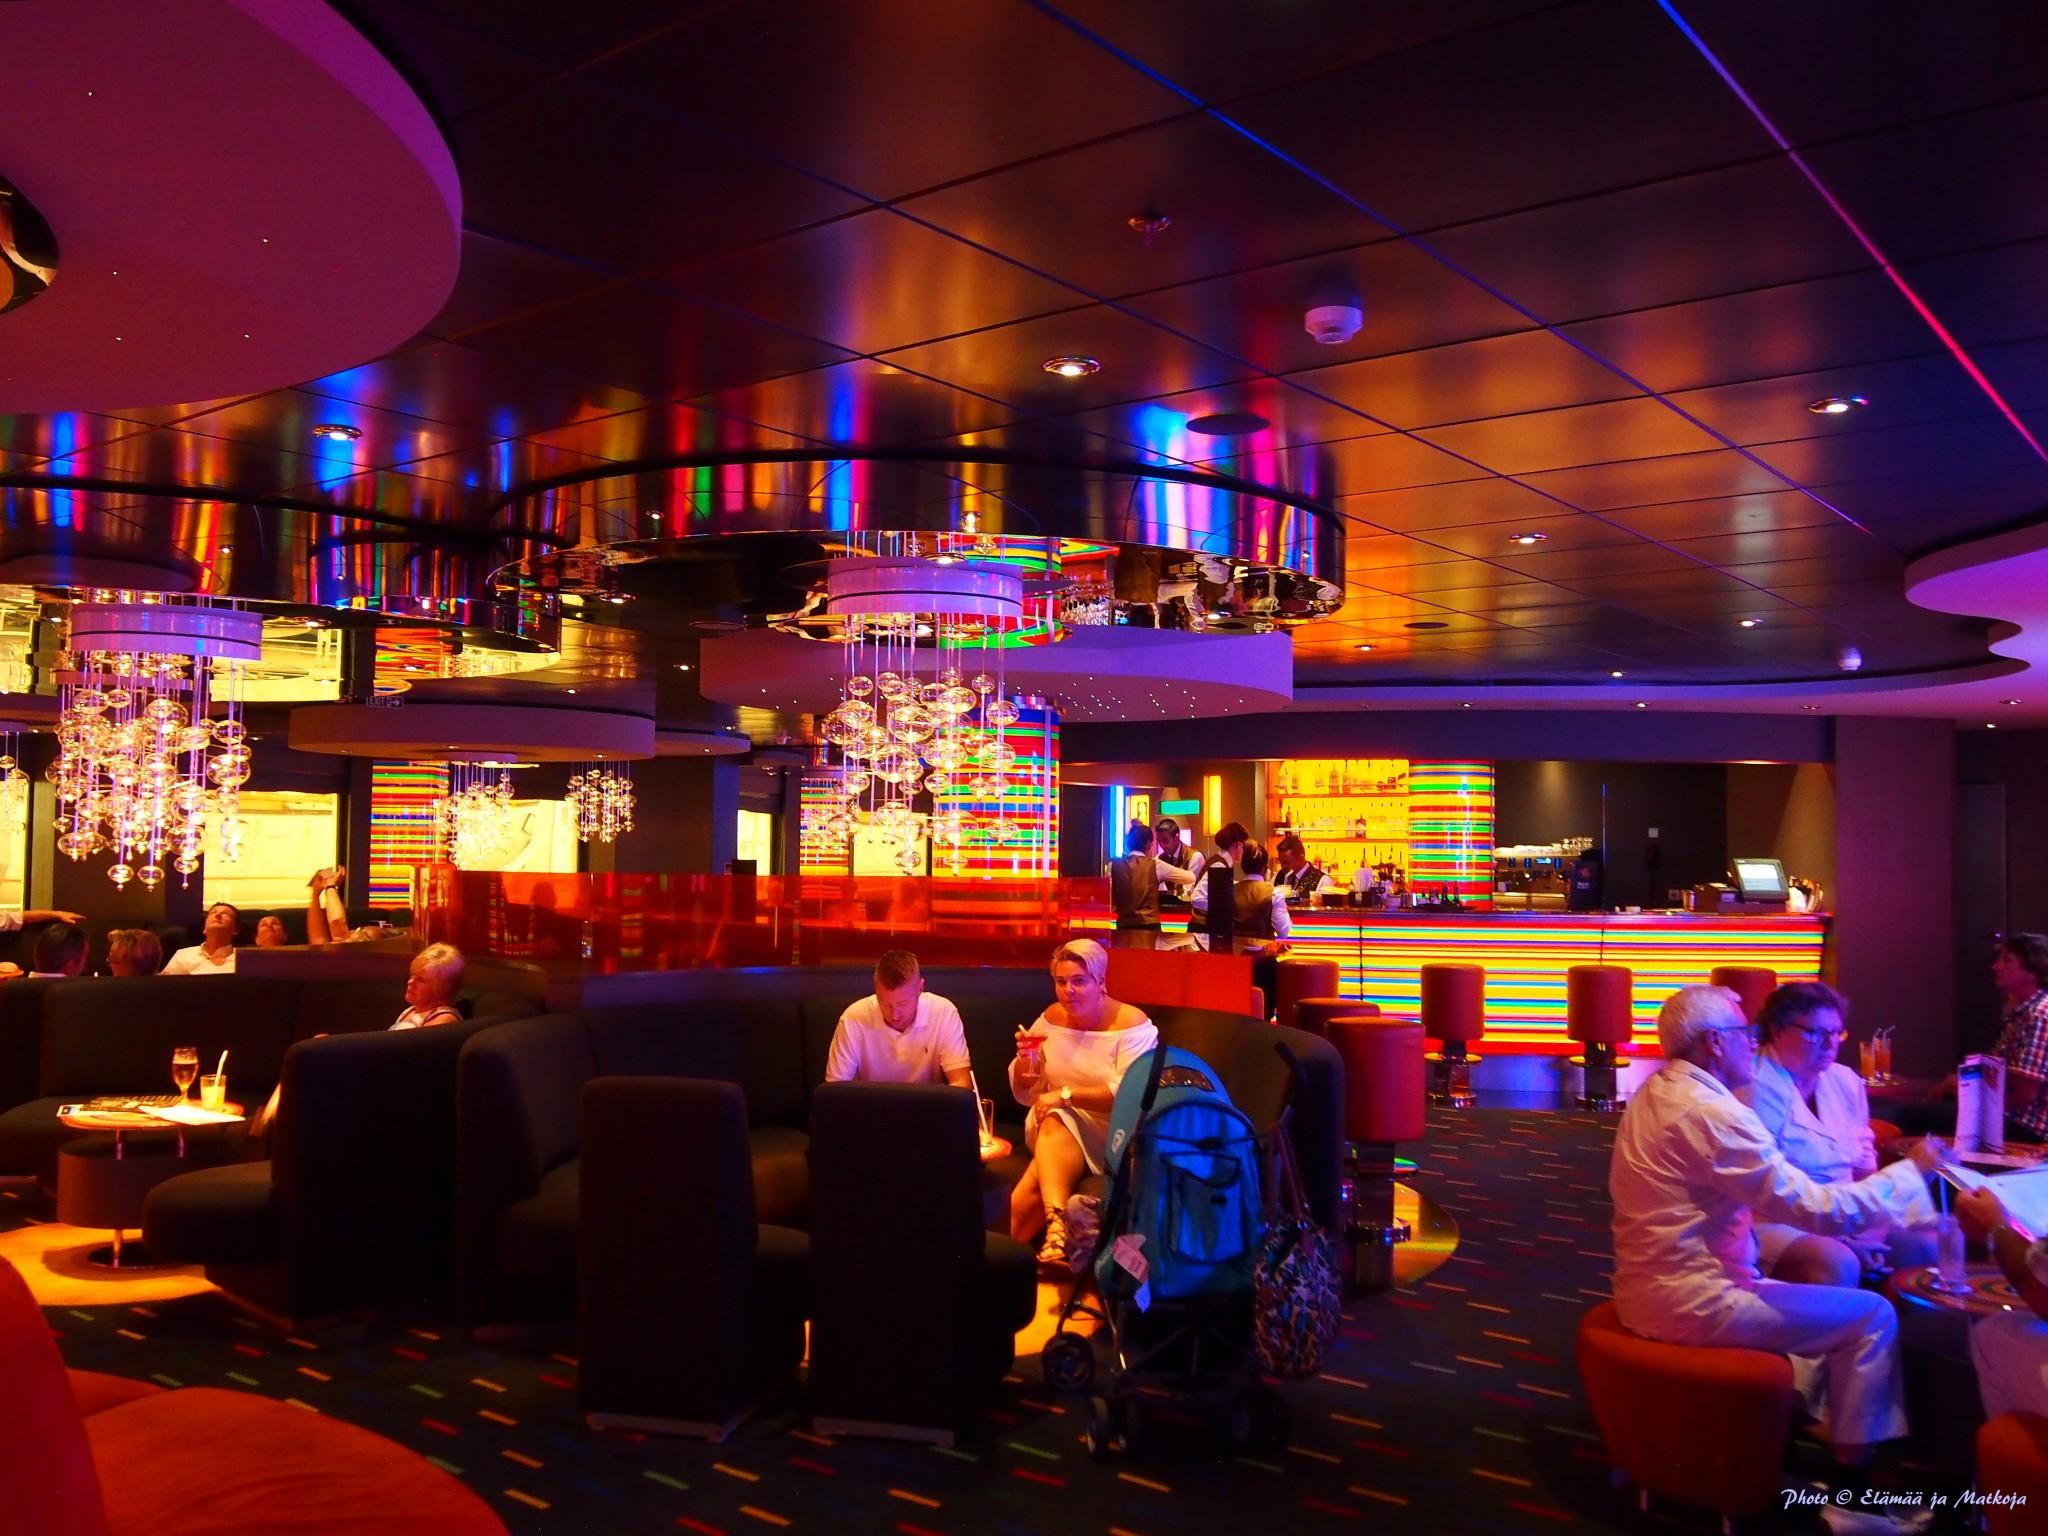 MSC Fantasia Manhattan Bar 2 Photo © Elämää ja Matkoja